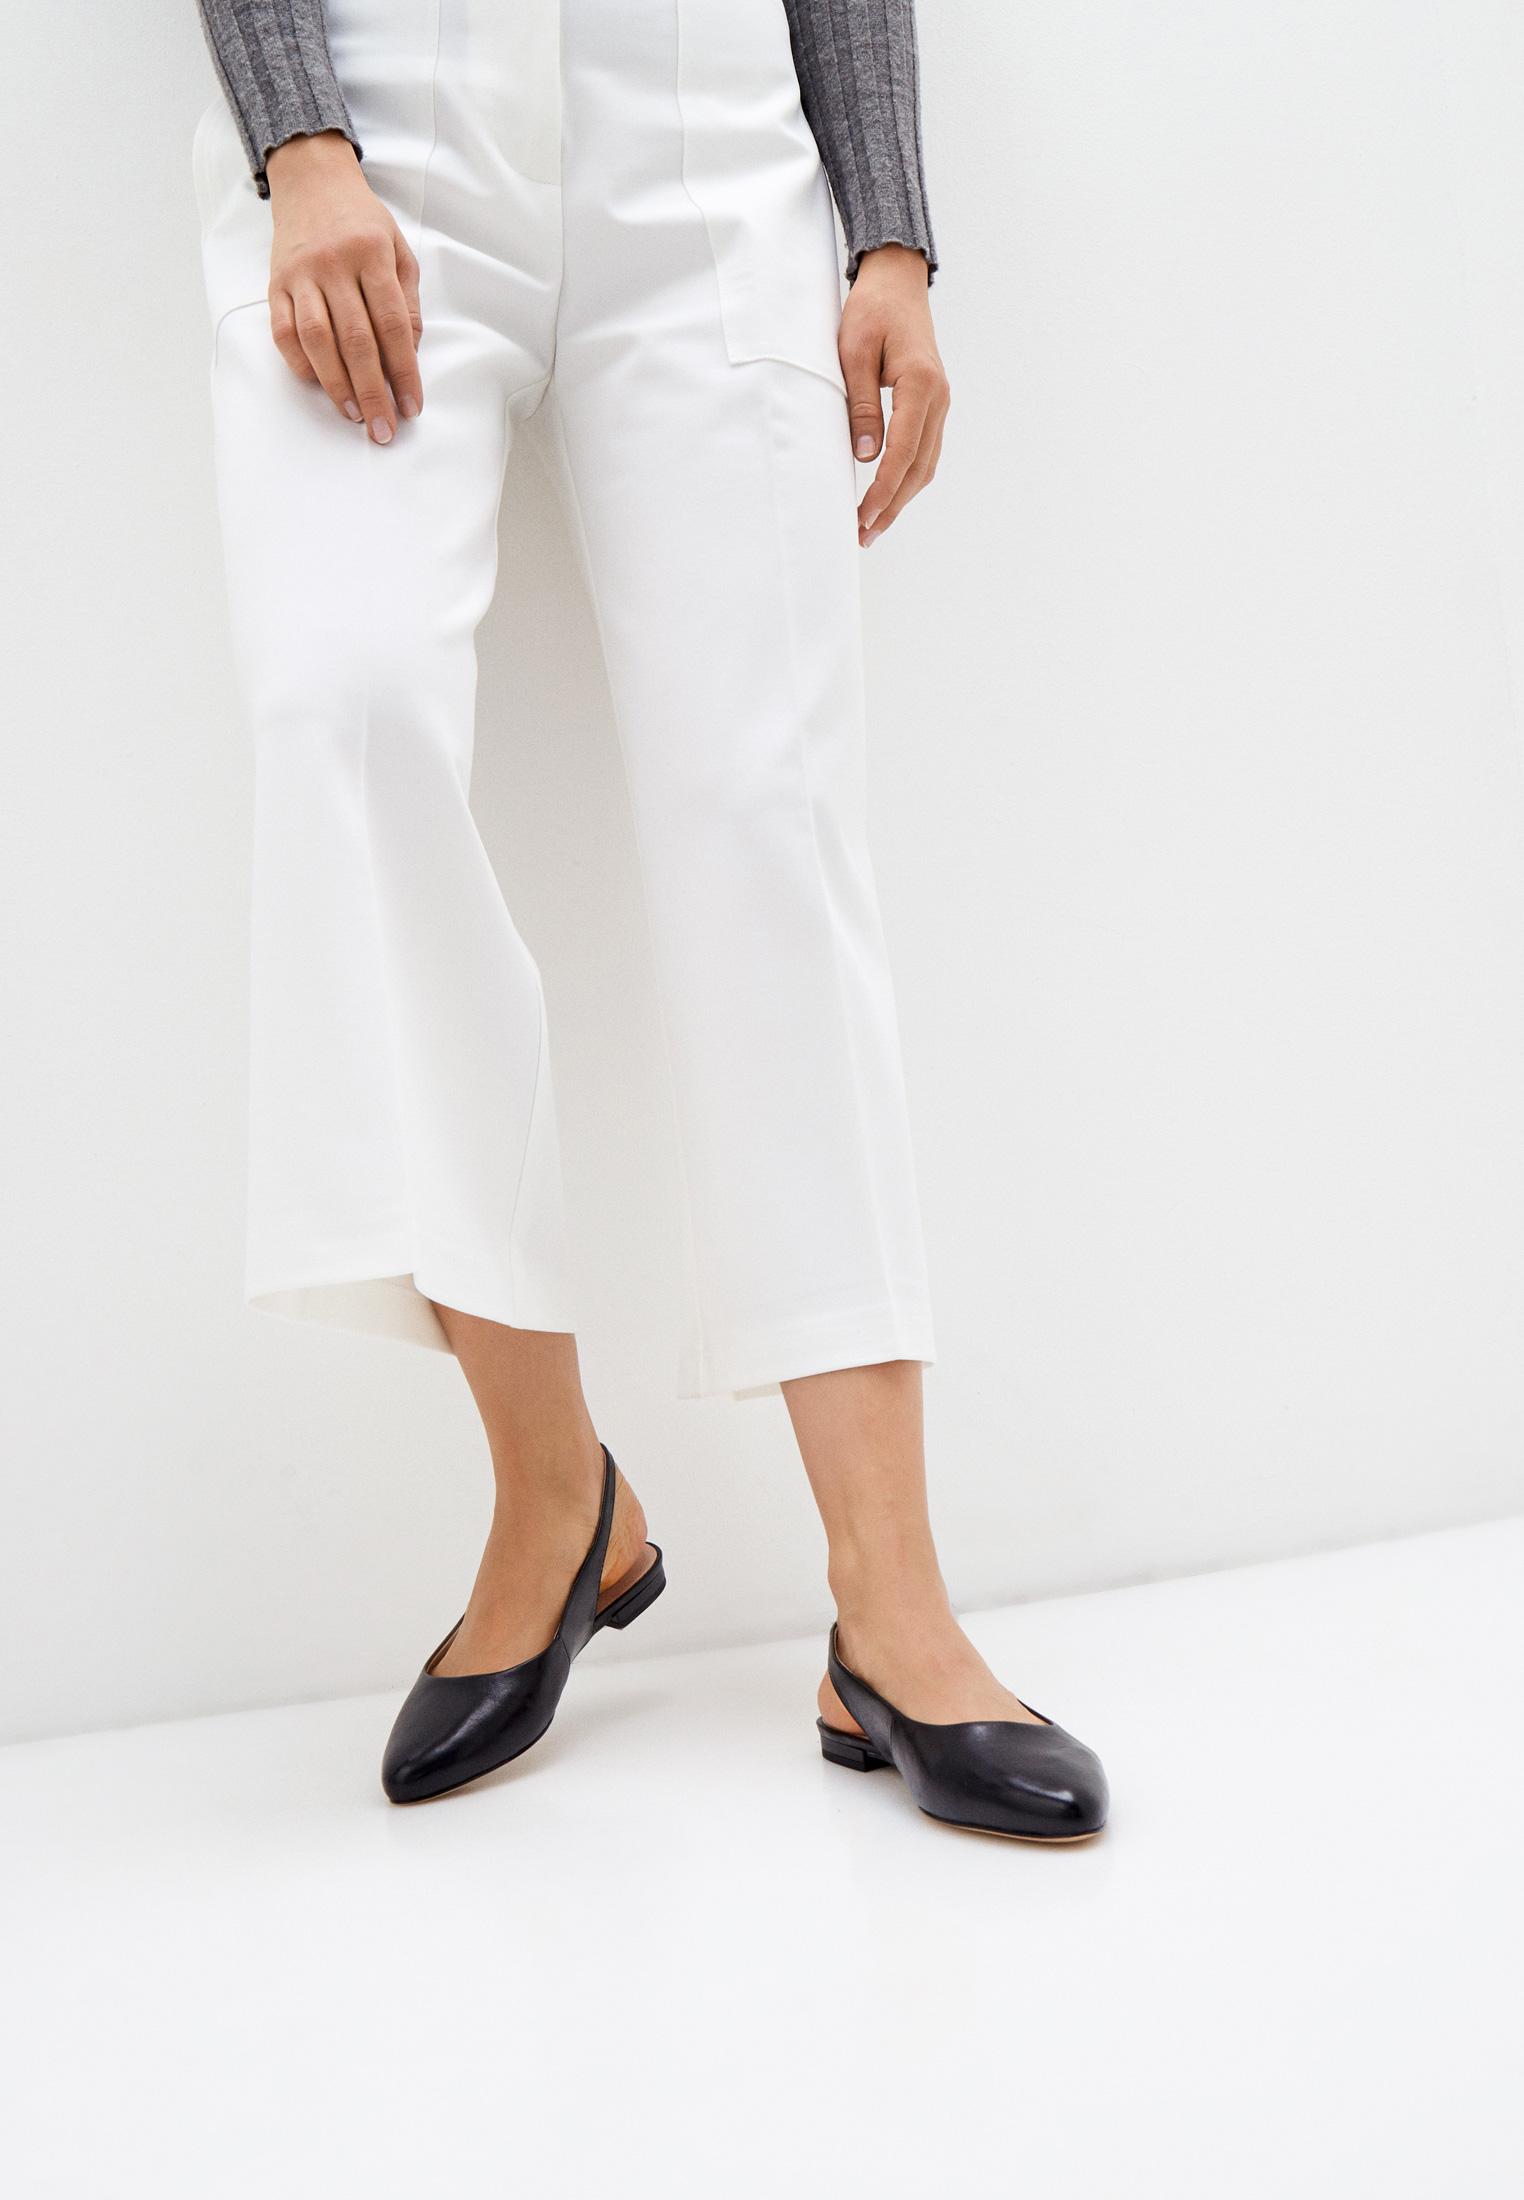 Женские туфли Caprice 9-9-29402-26: изображение 6